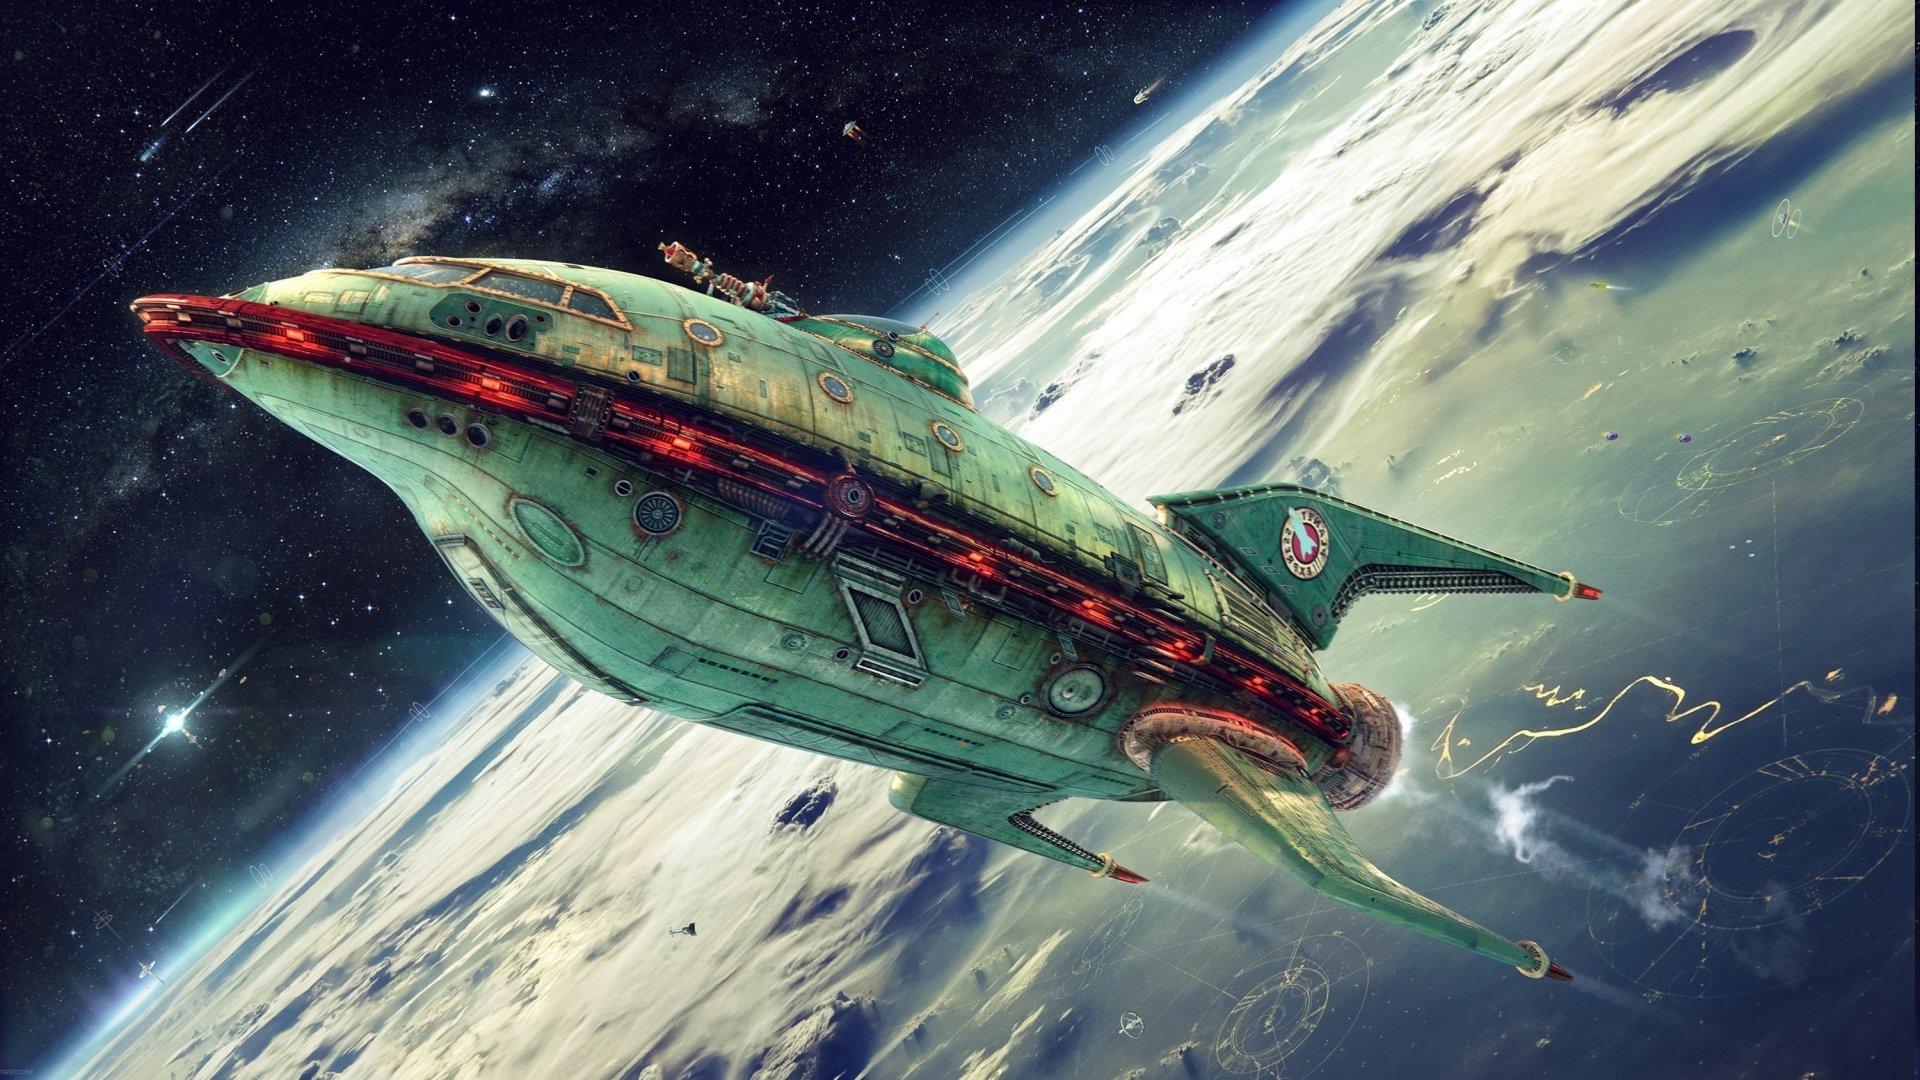 TV Show - Futurama  Spaceship Wallpaper